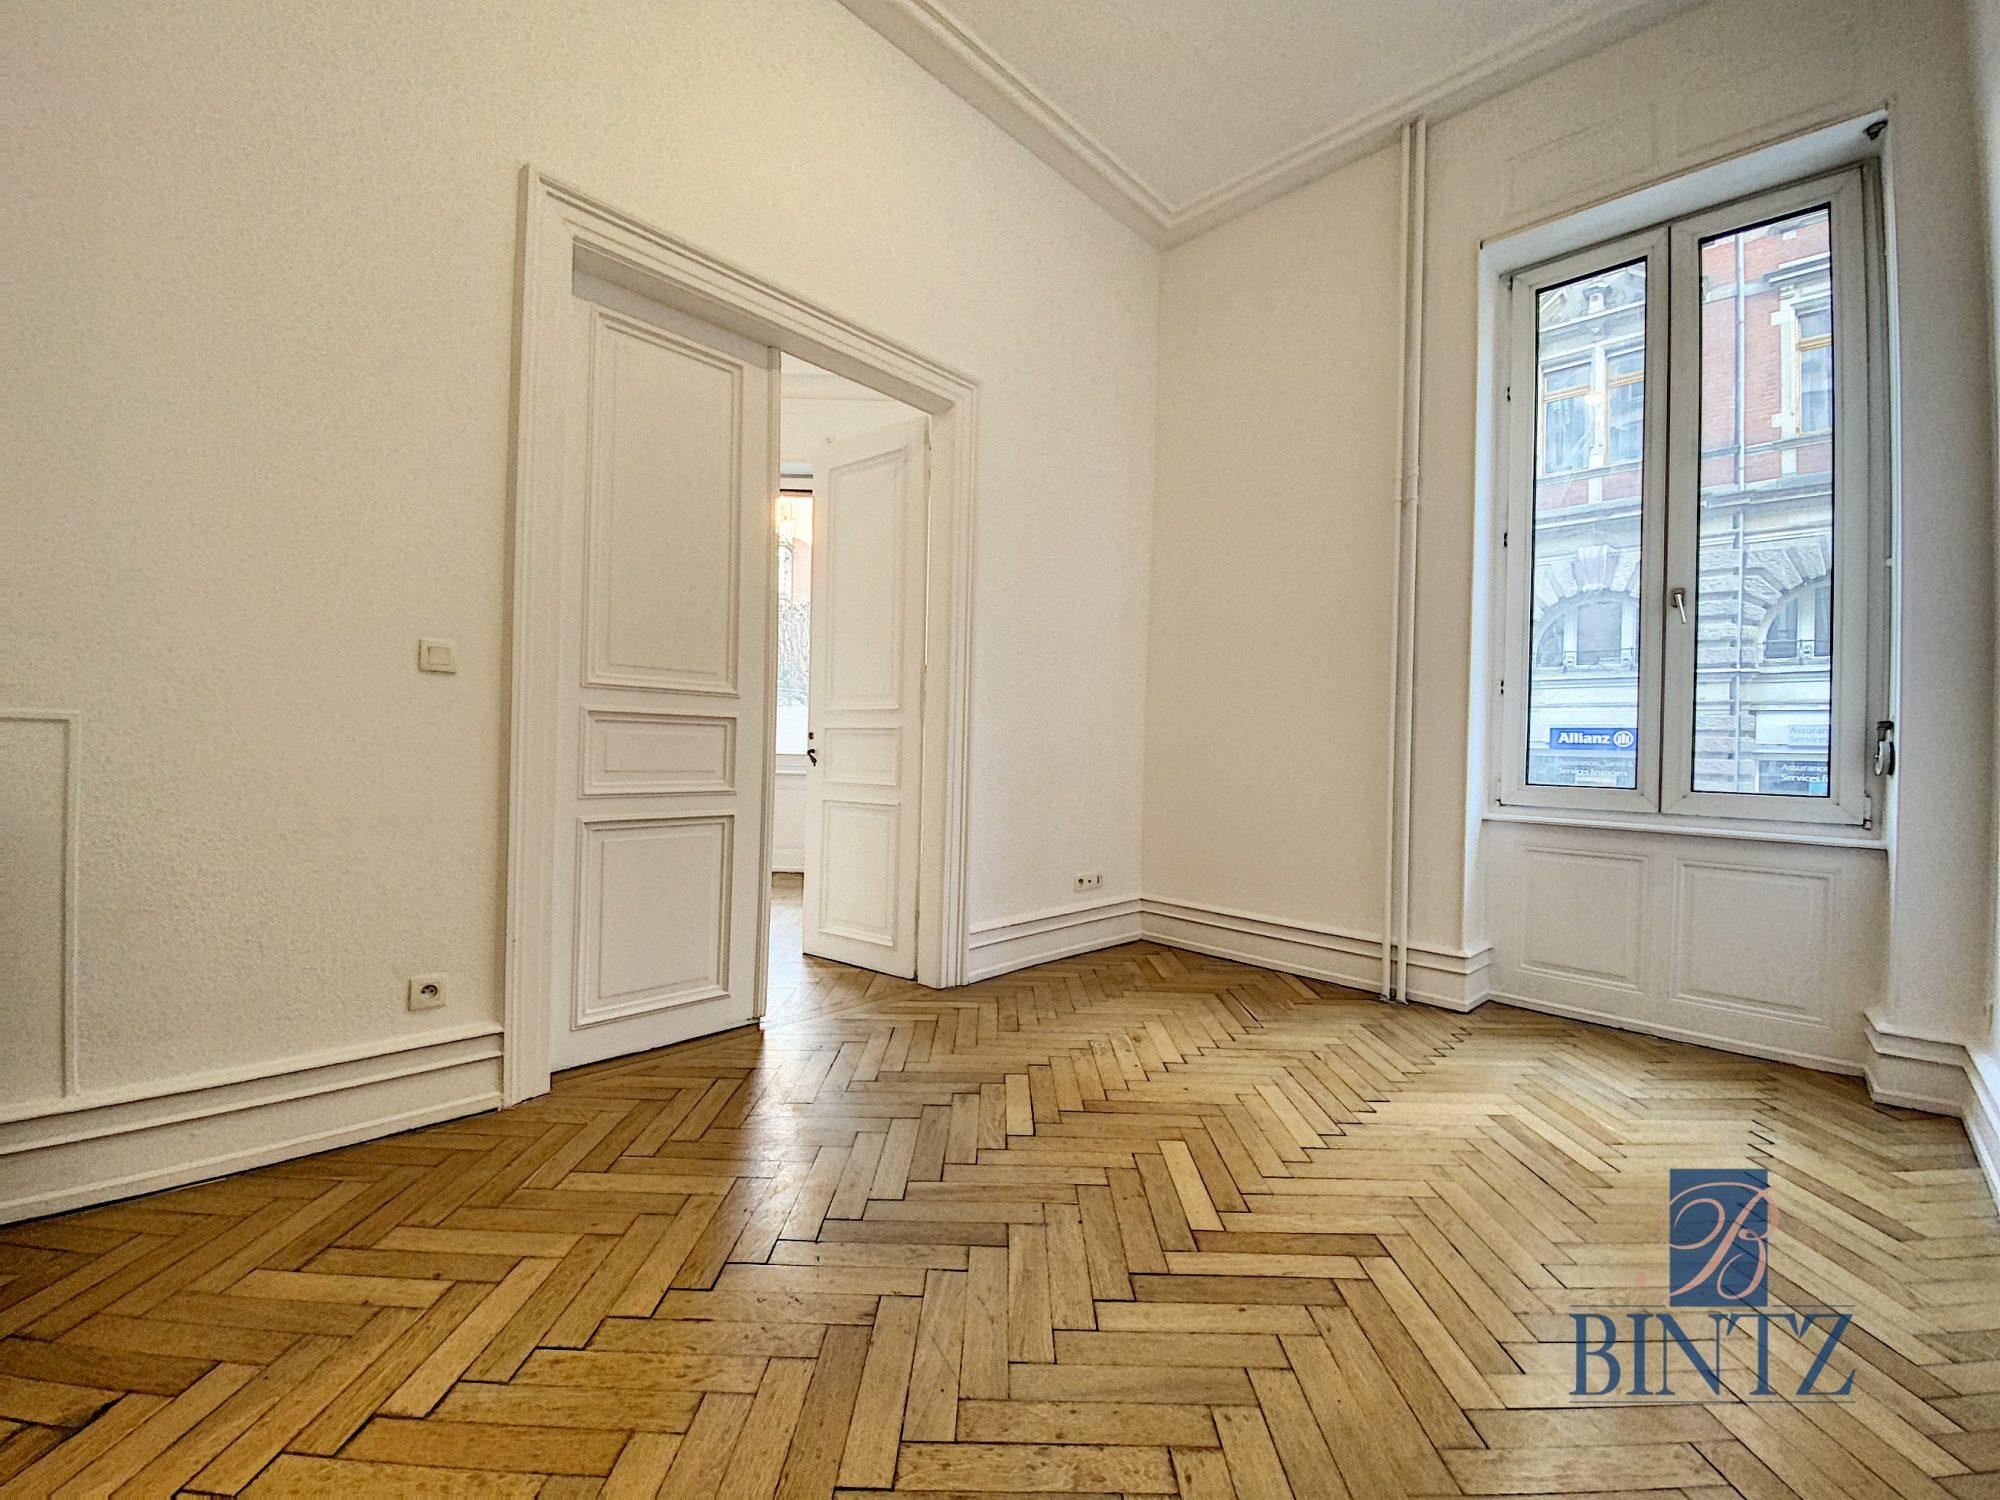 5 pièces rue Wimpheling - Devenez locataire en toute sérénité - Bintz Immobilier - 1